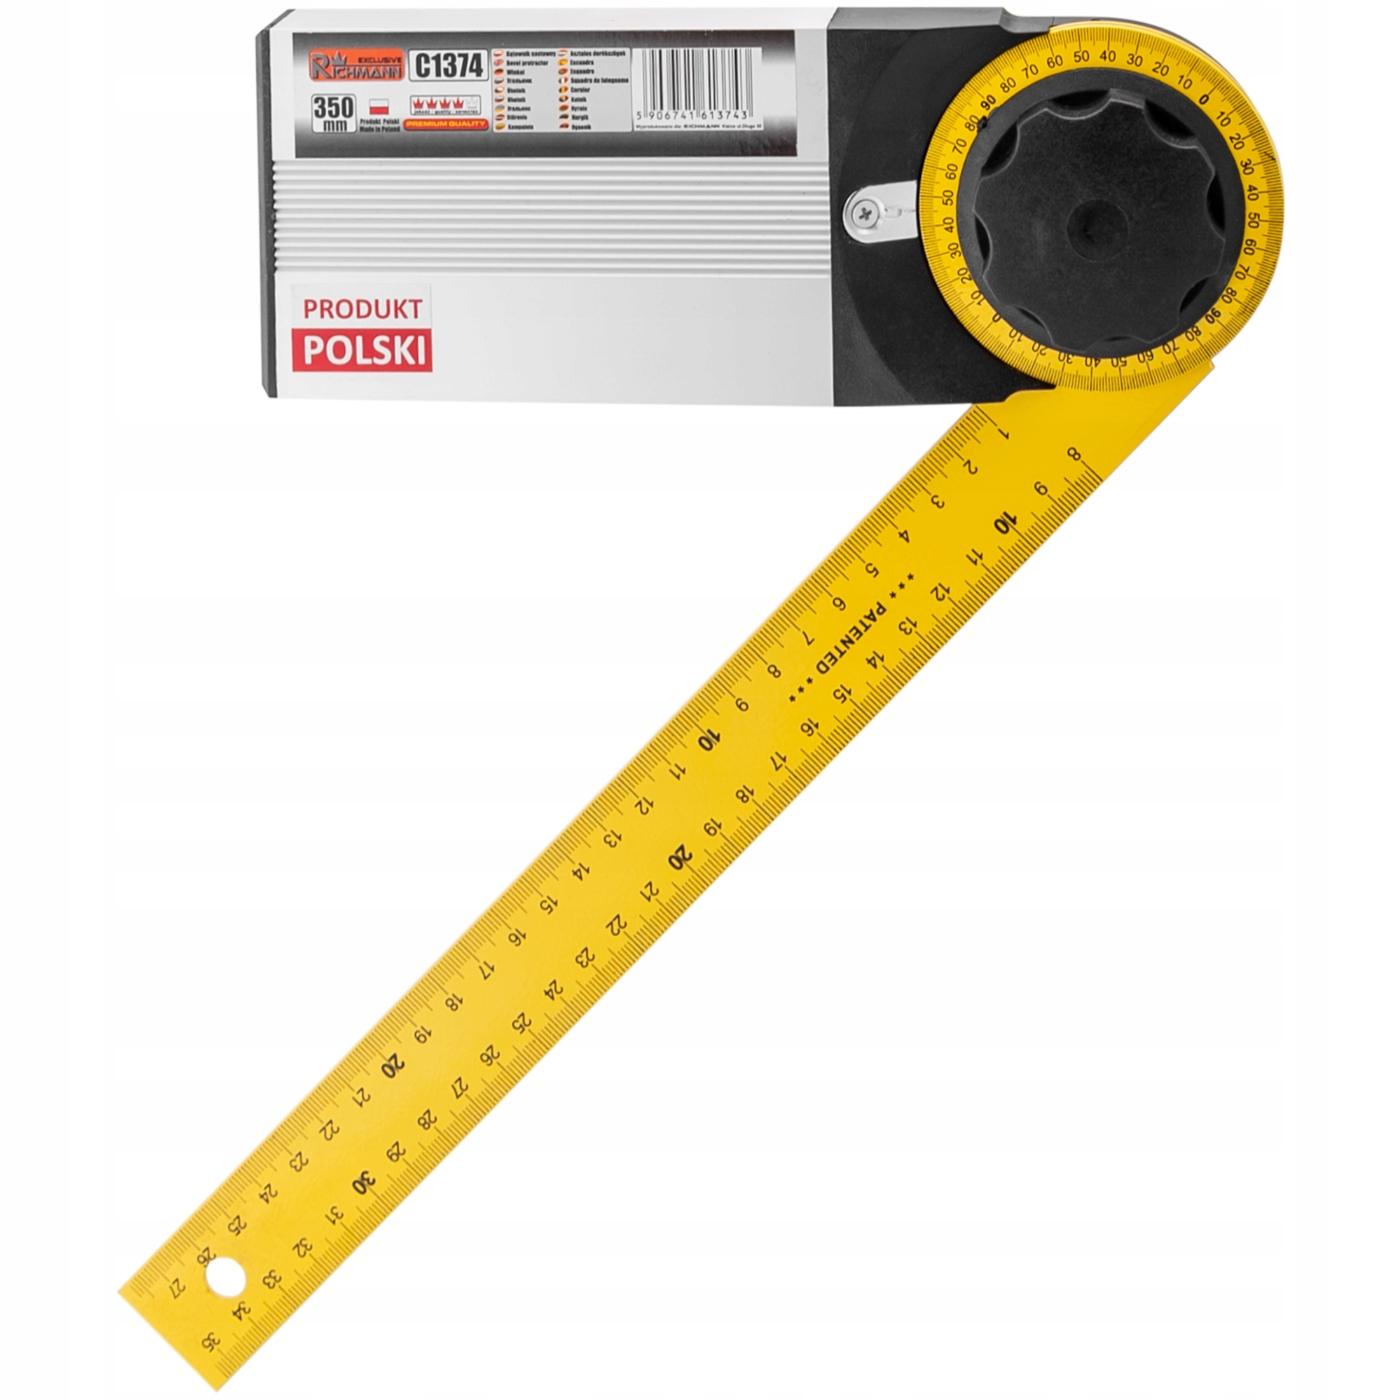 RICHMANN KĄTOMIERZ kątownik nastawny 350 mm C1374